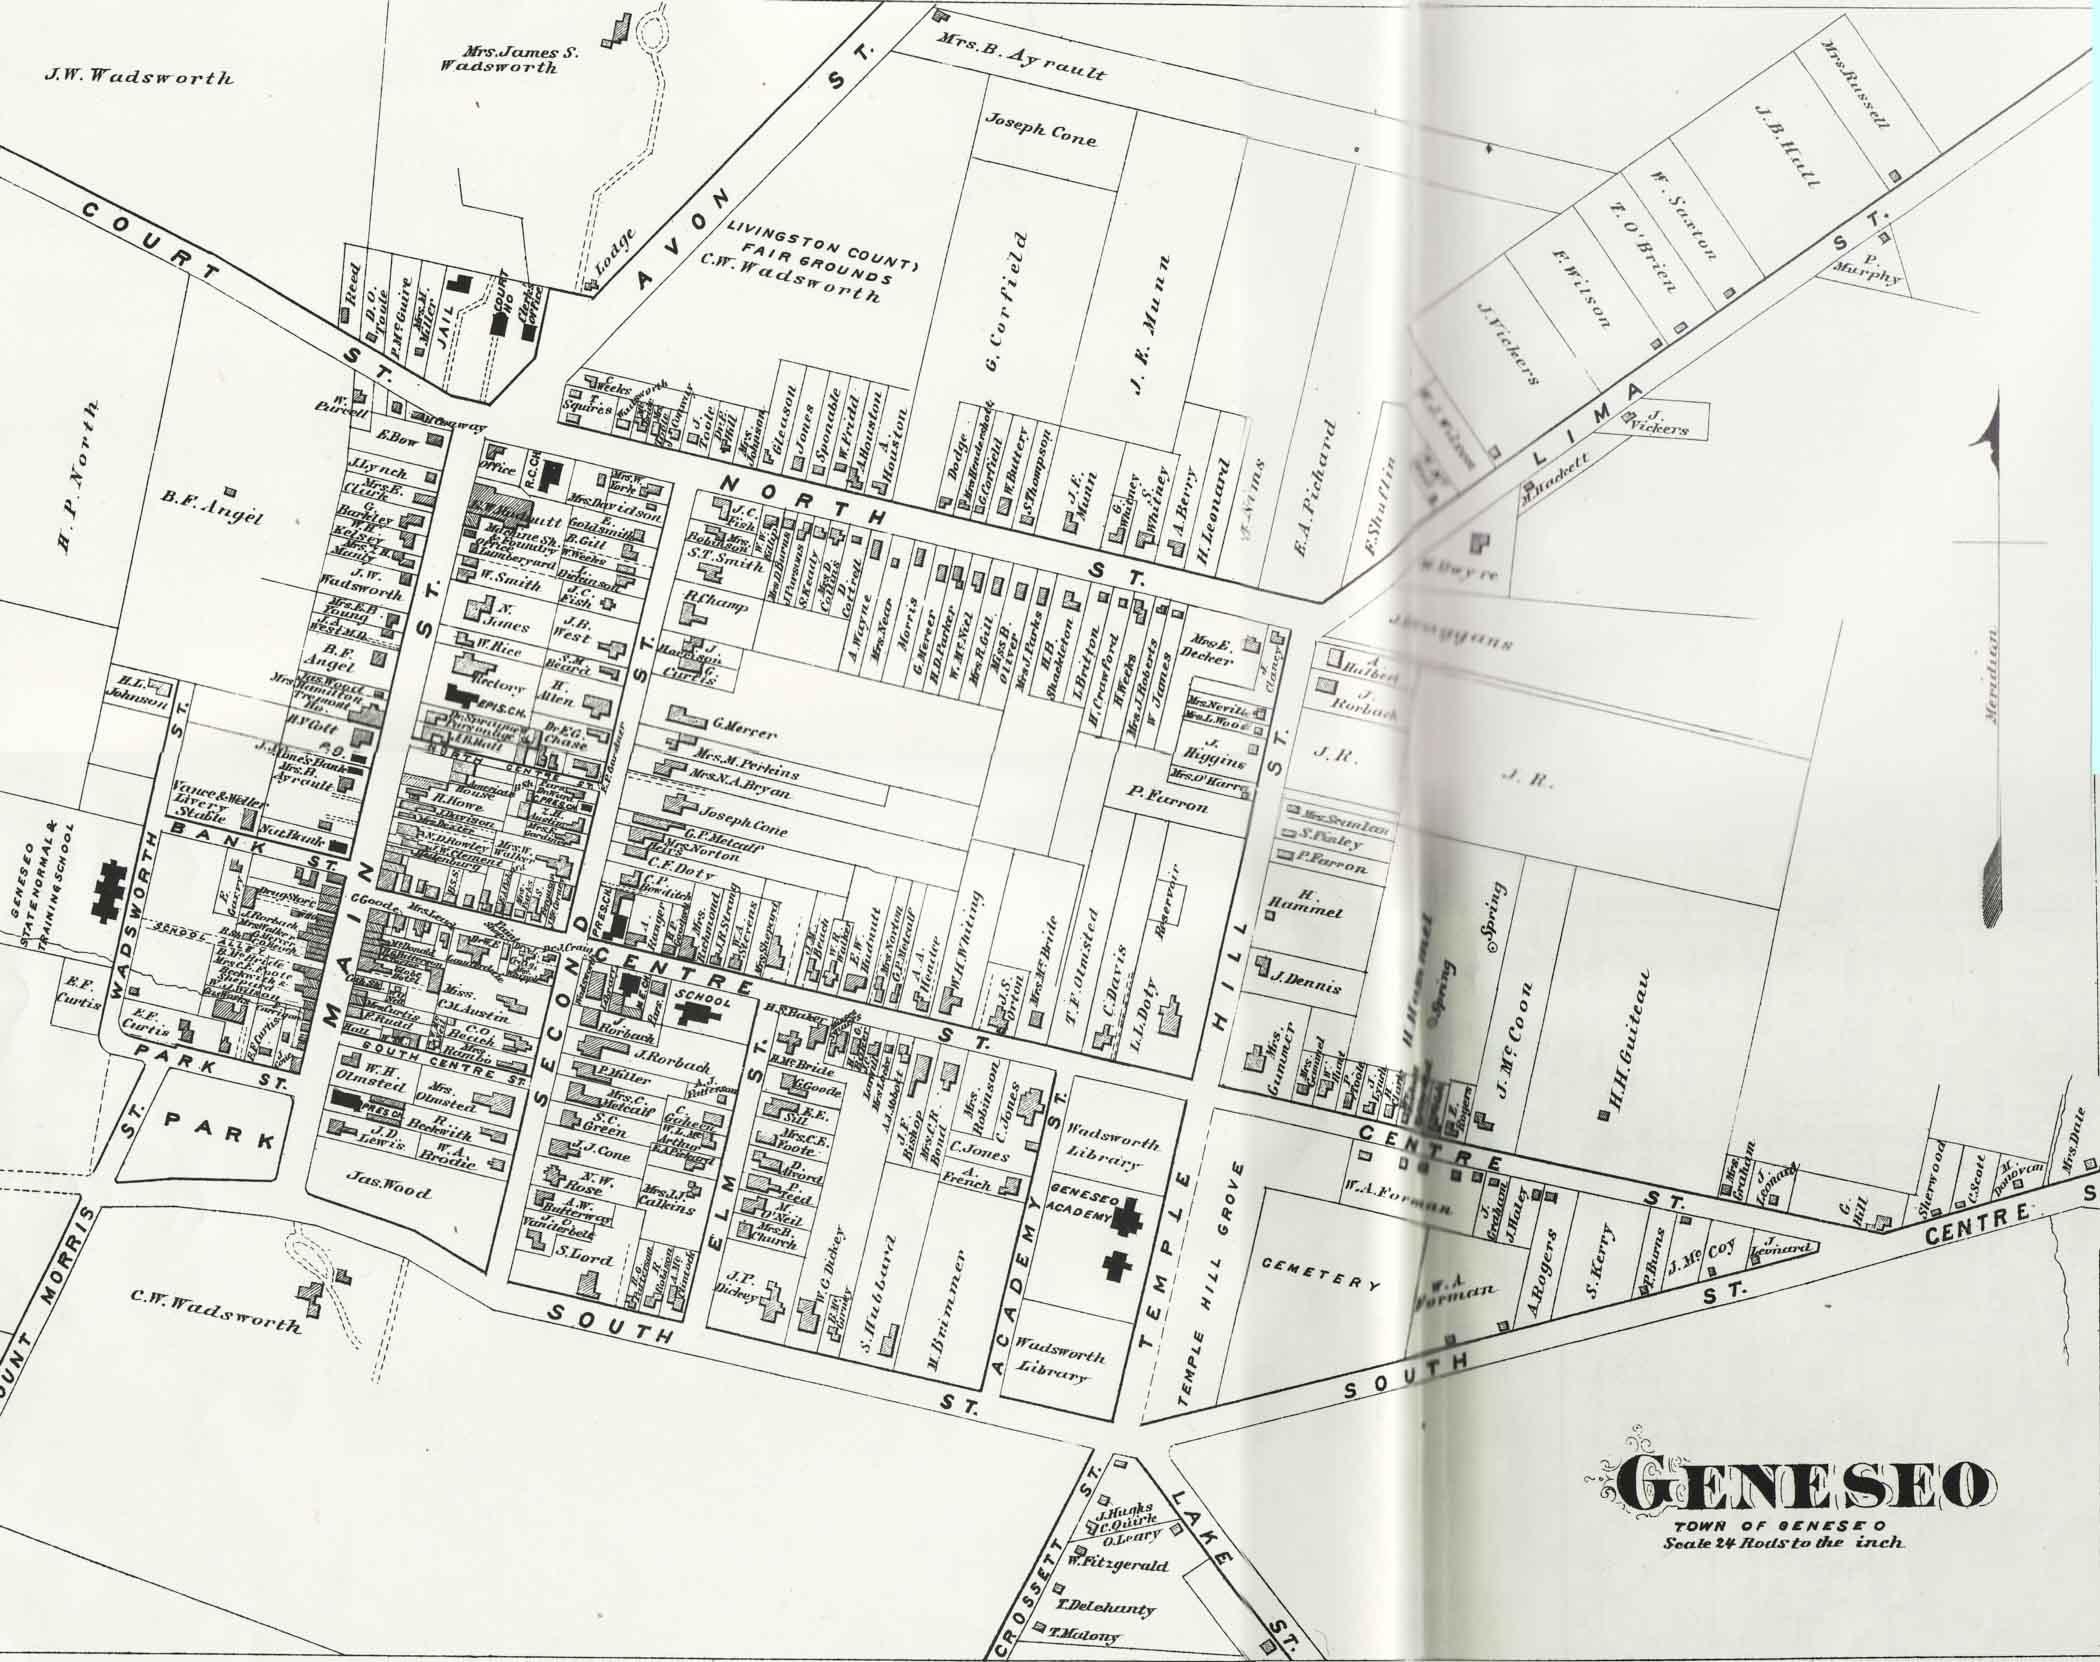 Geneseo in 1872